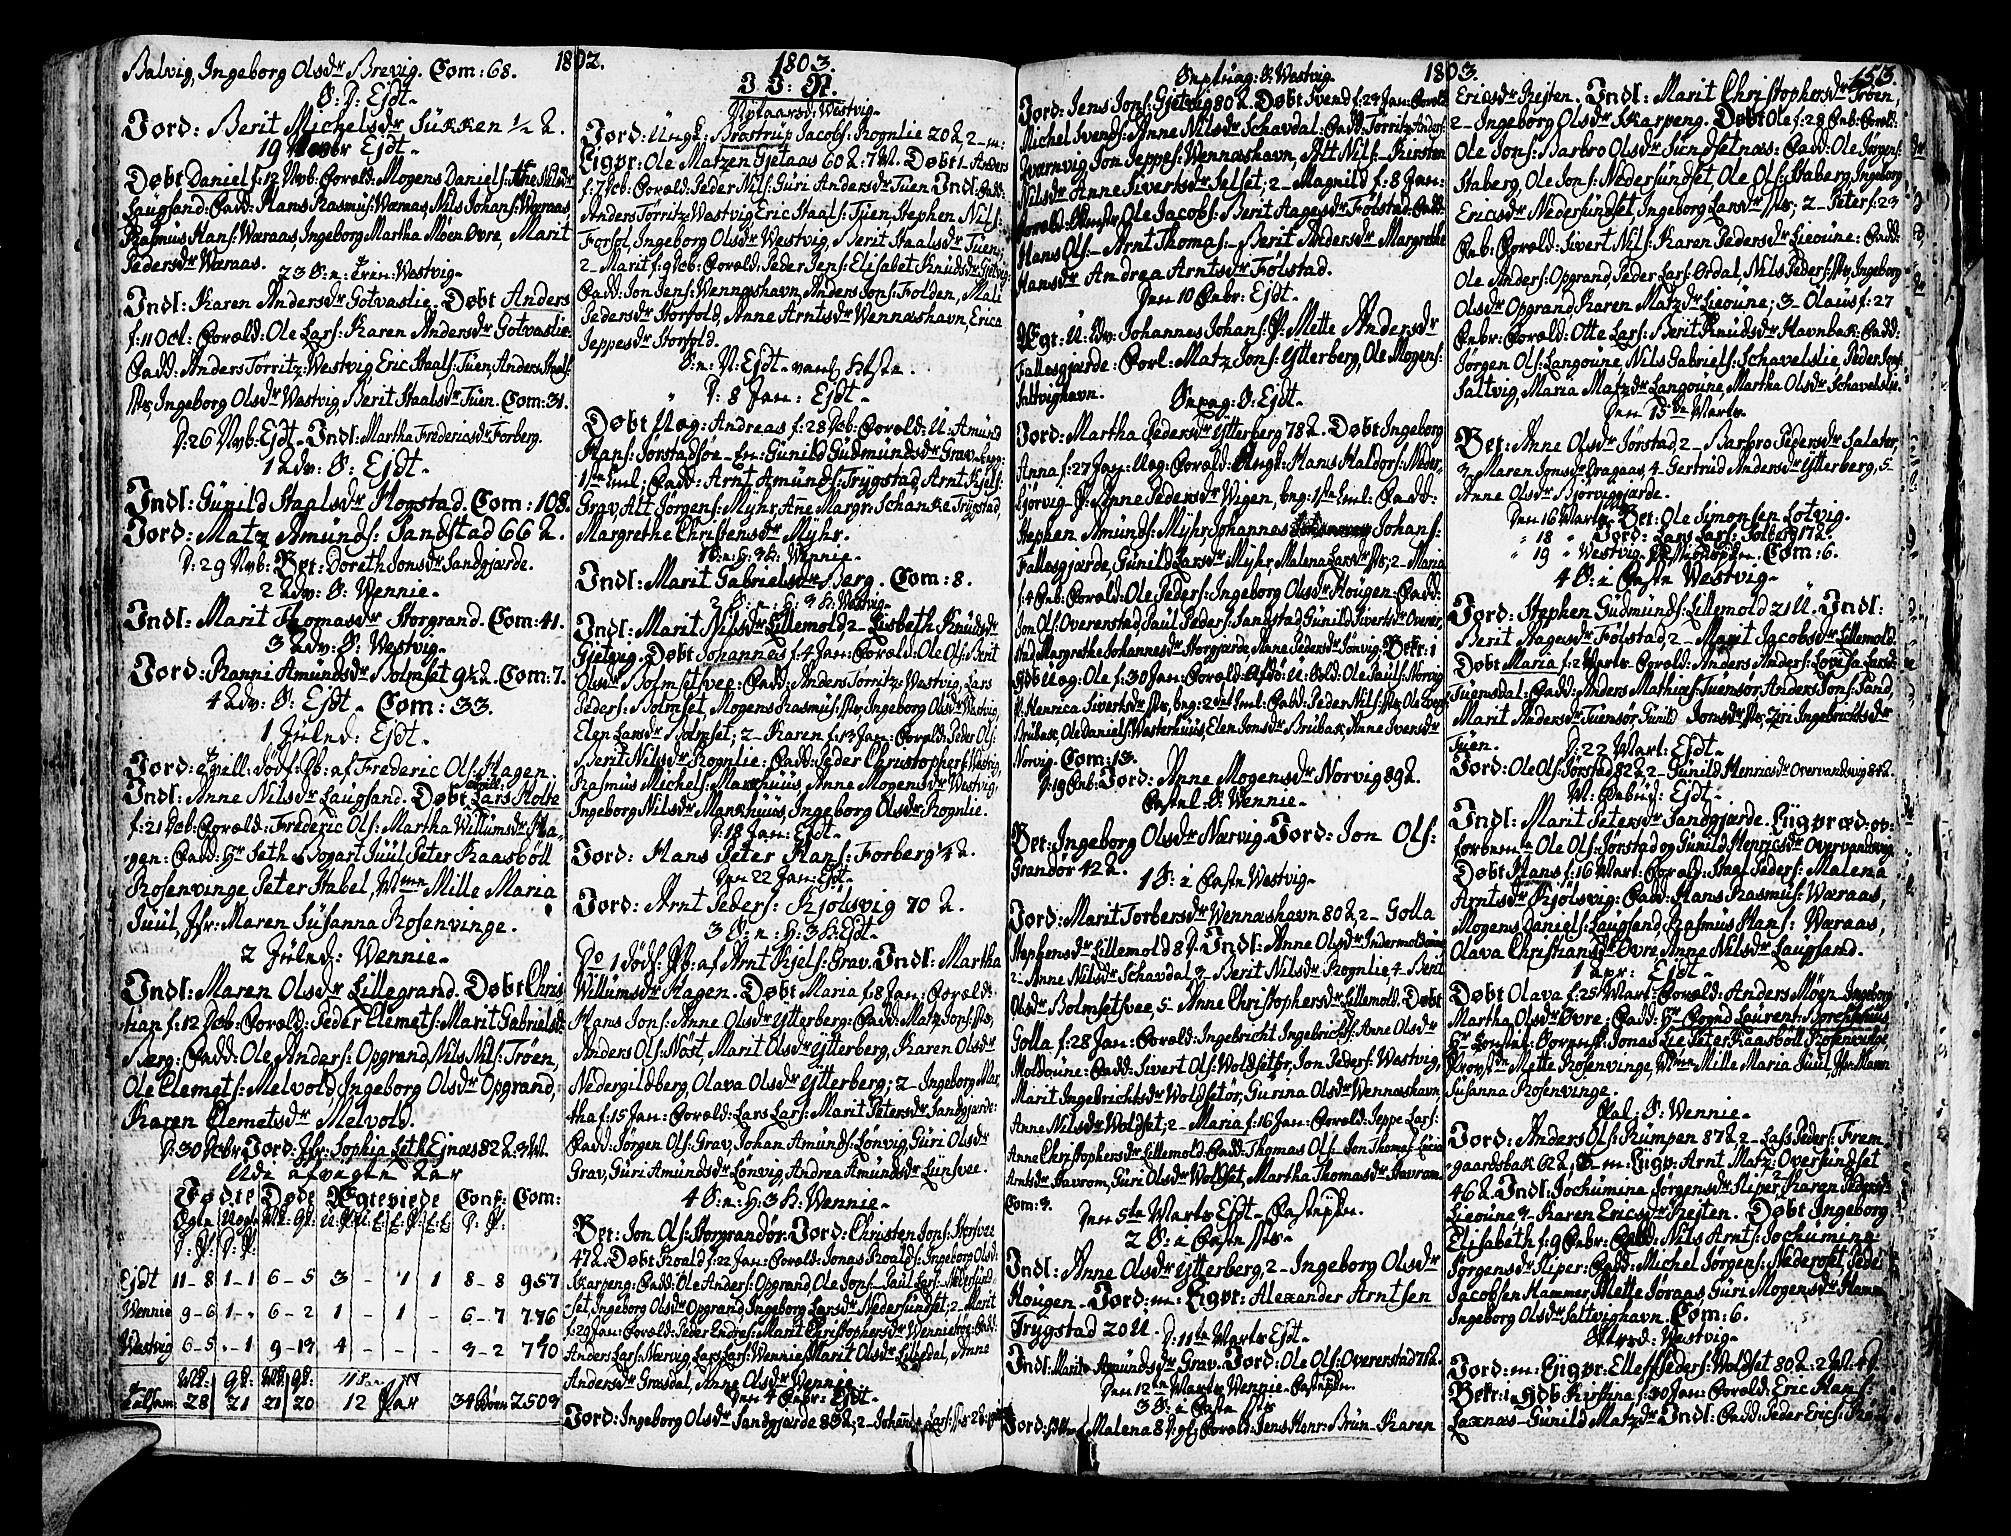 SAT, Ministerialprotokoller, klokkerbøker og fødselsregistre - Nord-Trøndelag, 722/L0216: Ministerialbok nr. 722A03, 1756-1816, s. 153